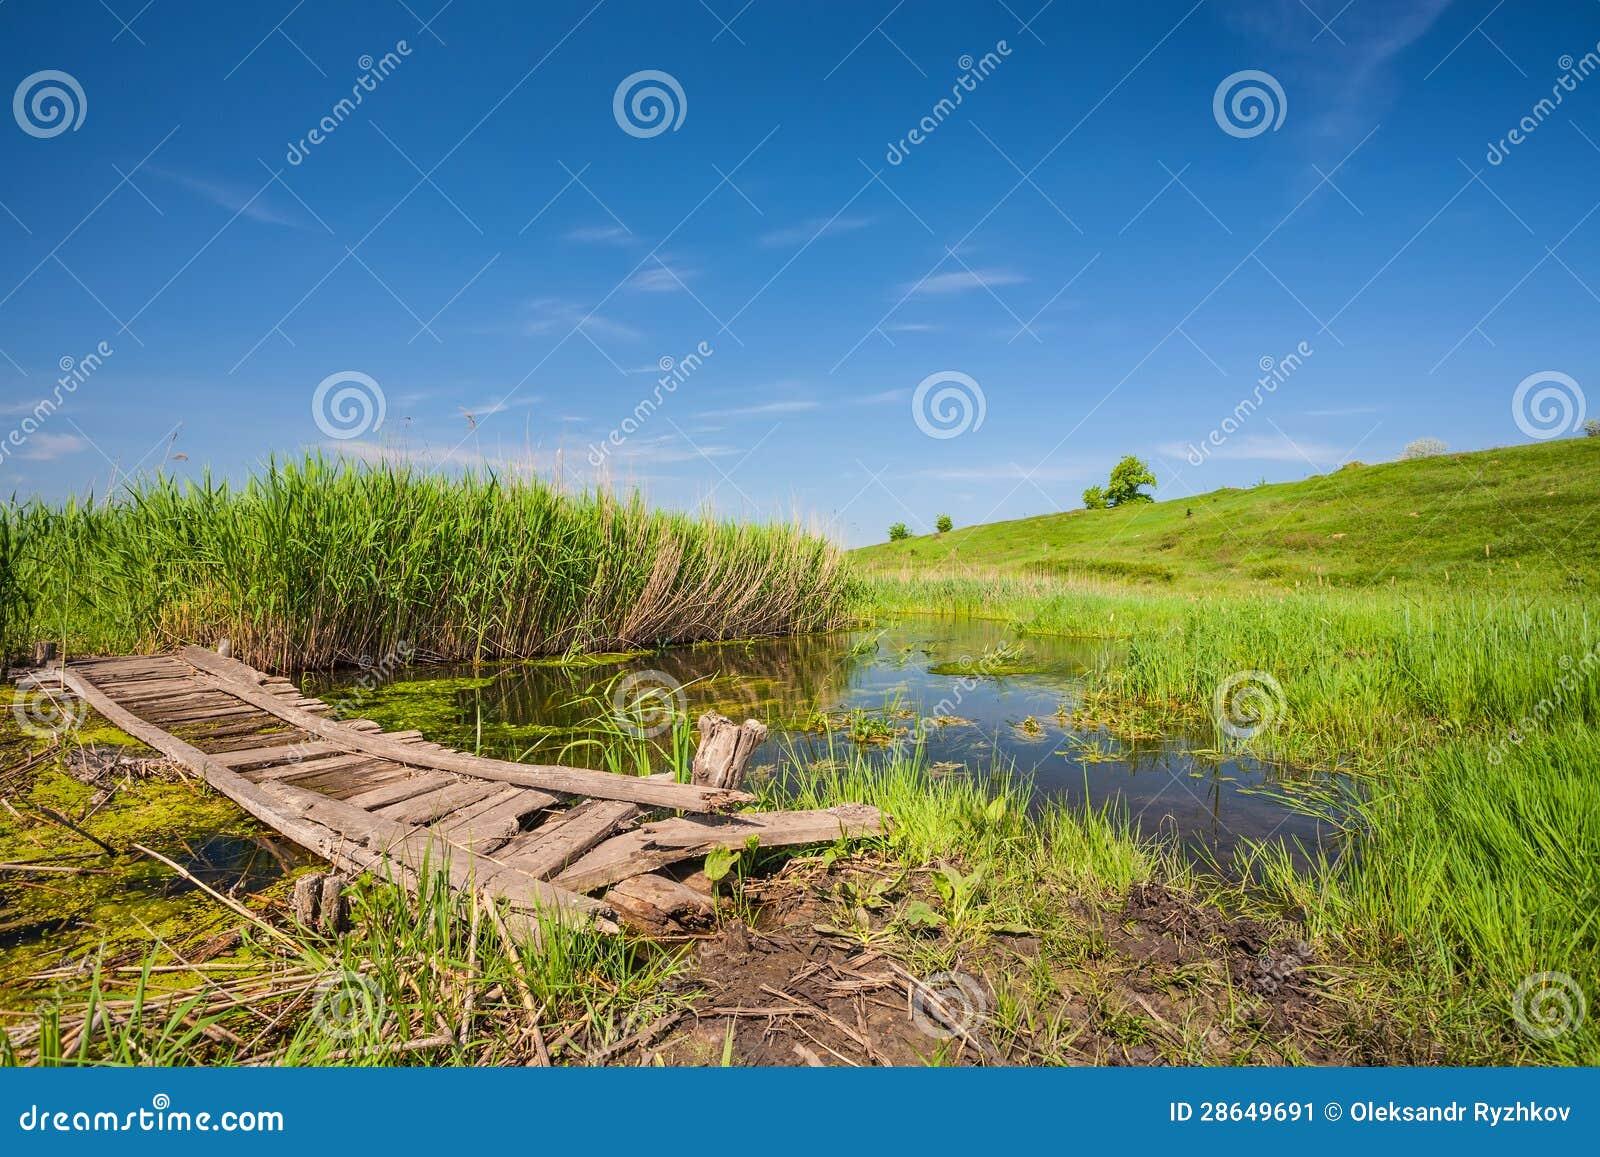 Малый деревянный мост